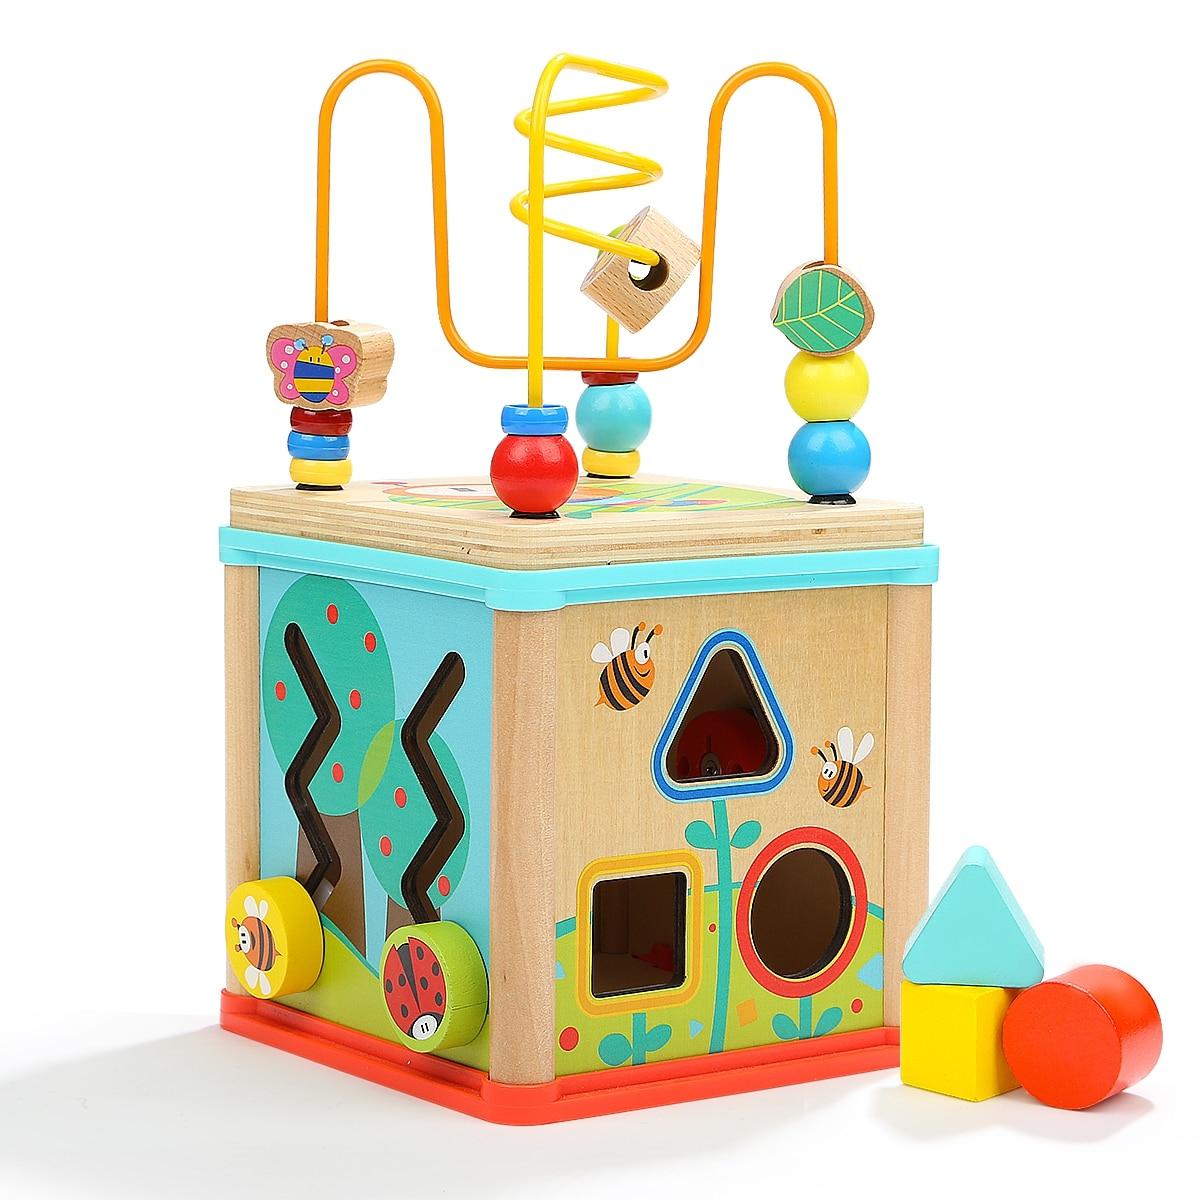 1 pièces jouets en bois bébé apprentissage éducation précoce labyrinthe en bois multi-fonction boîte ronde perle jouets pour enfants enfants cadeaux